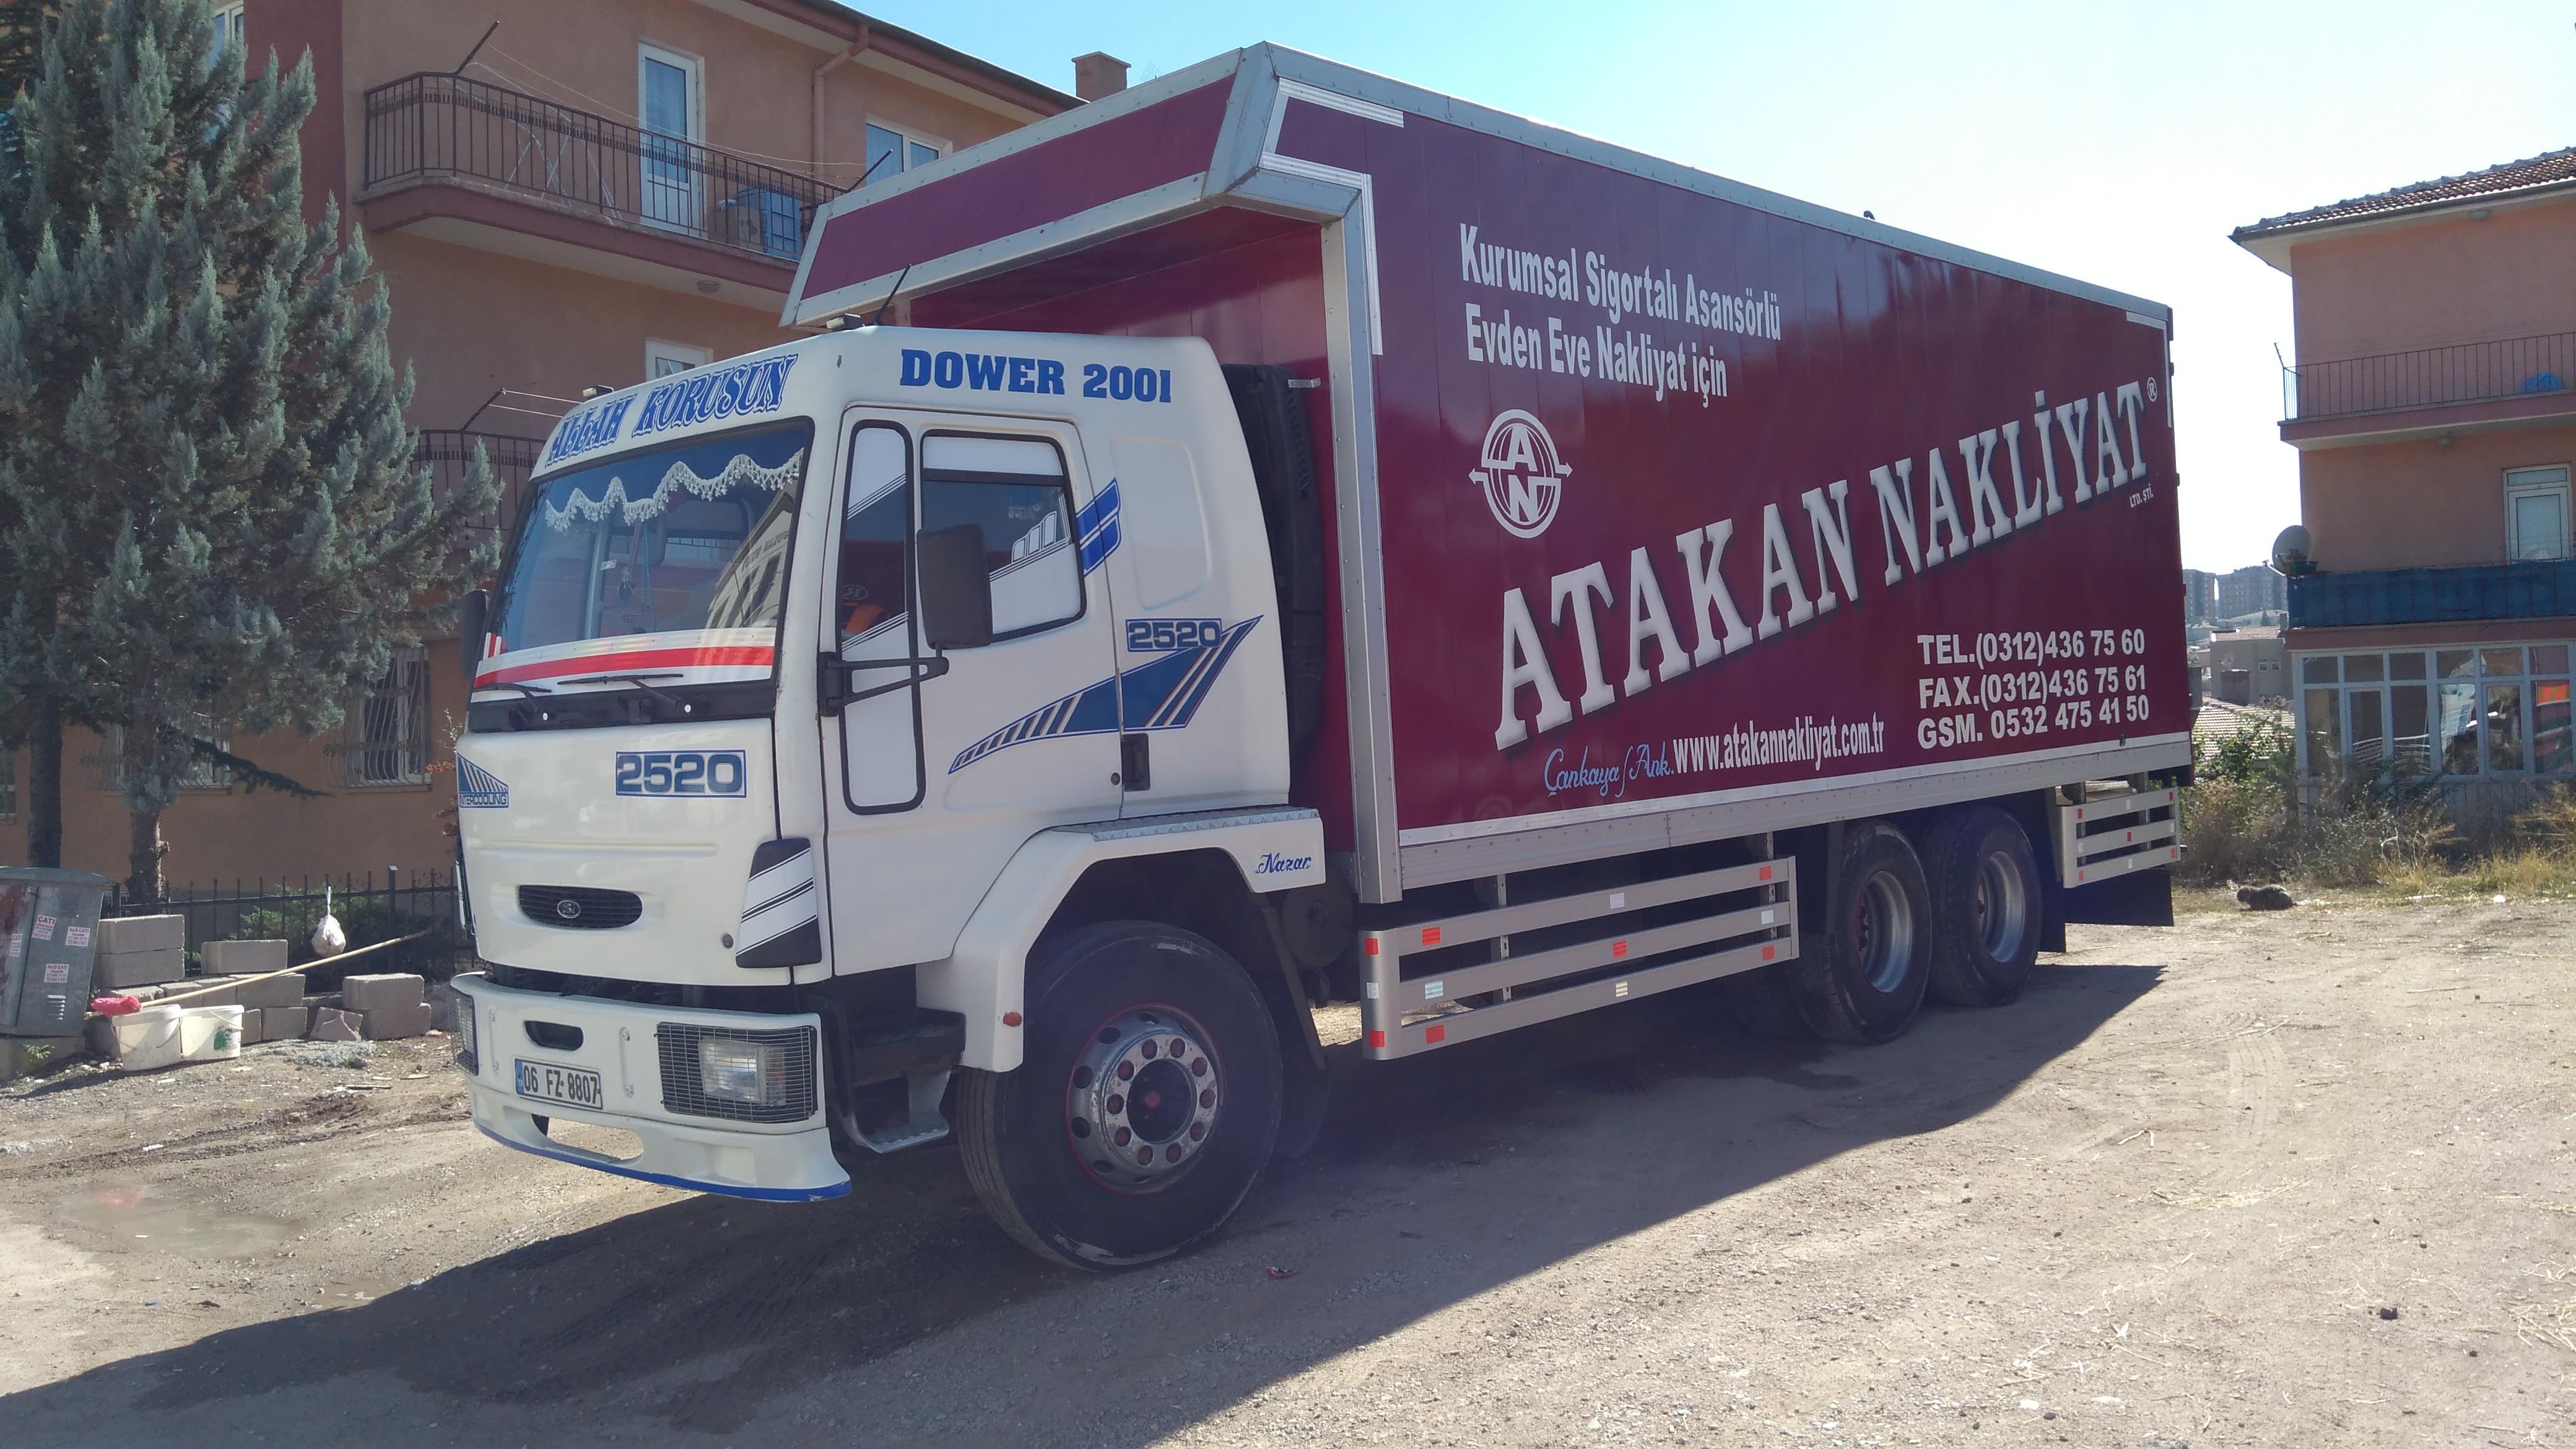 Ankara Evden Eve Asansörlü Nakliyat